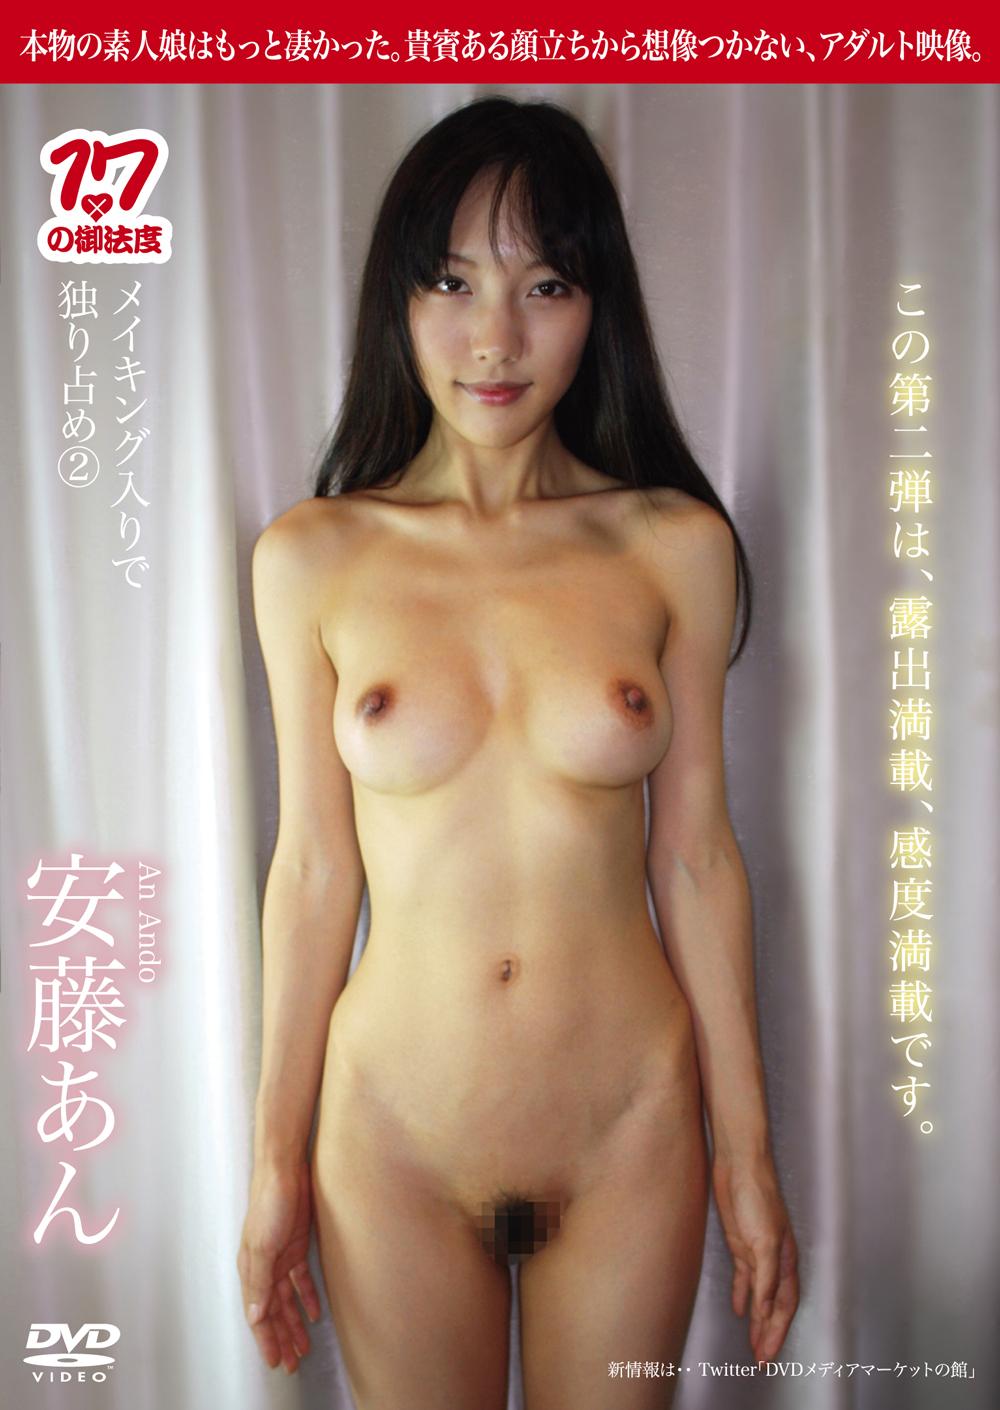 yuuji-moe nude nifty gif